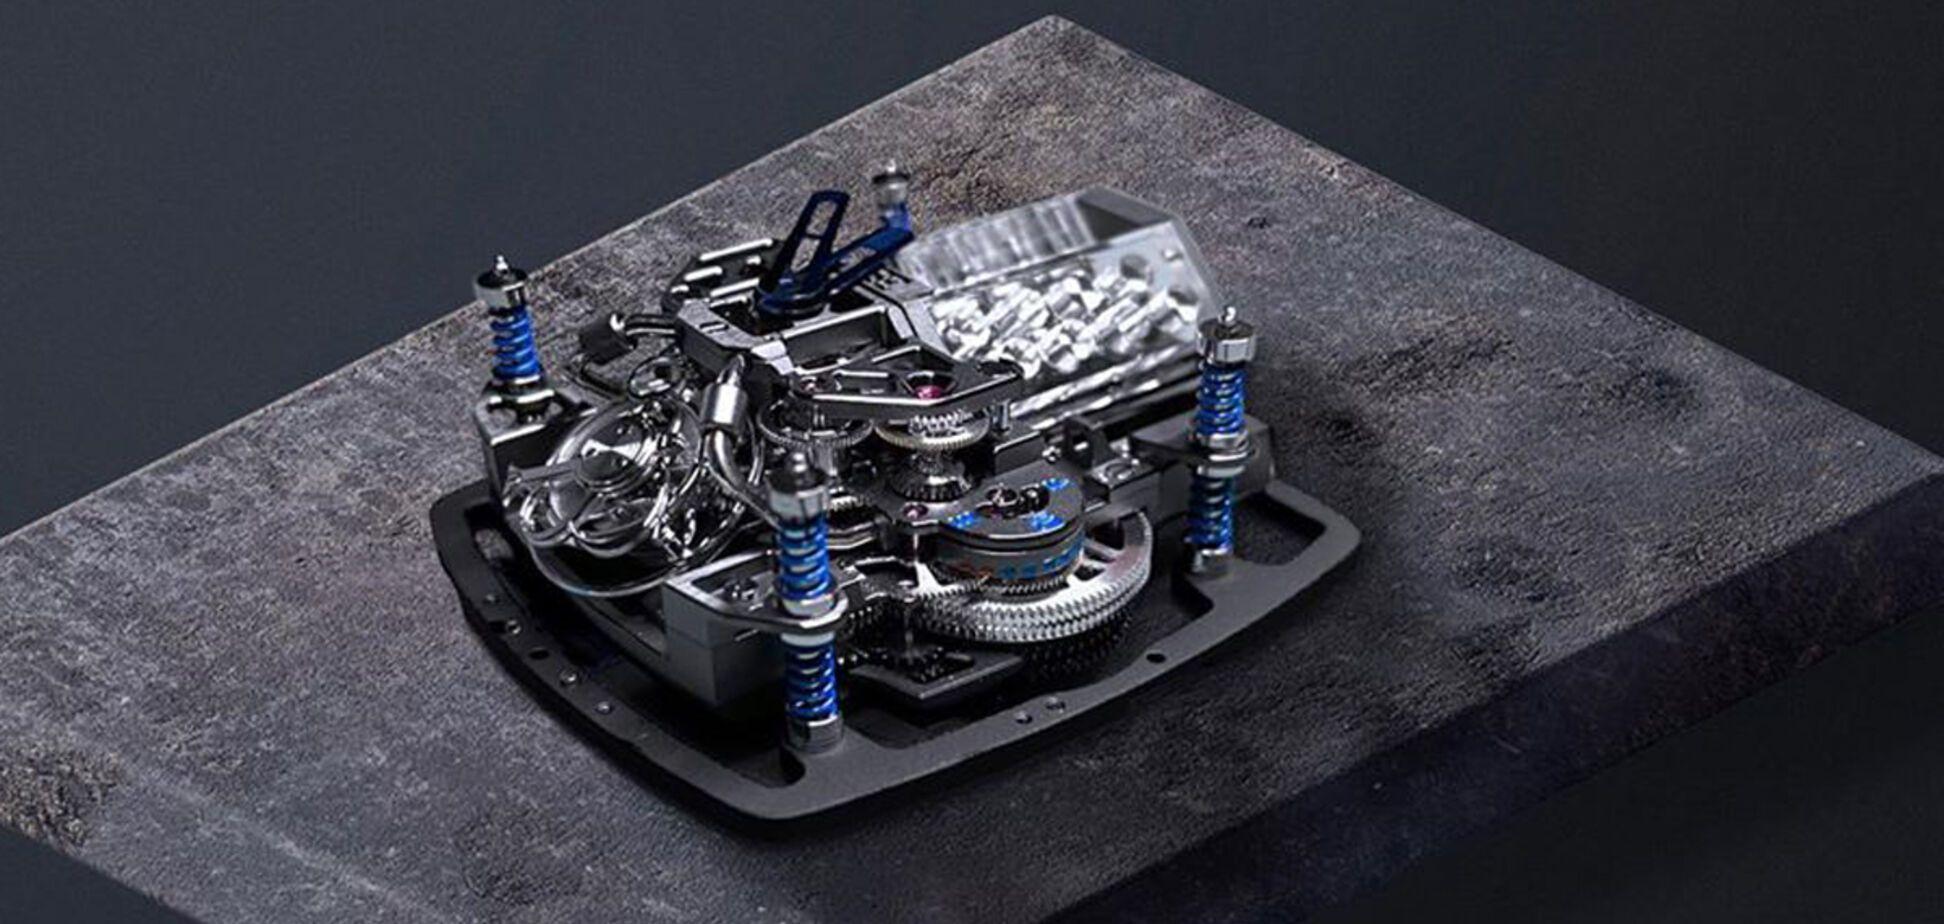 За ціною суперкара: годинник Bugatti оцінили в 280 тисяч доларів